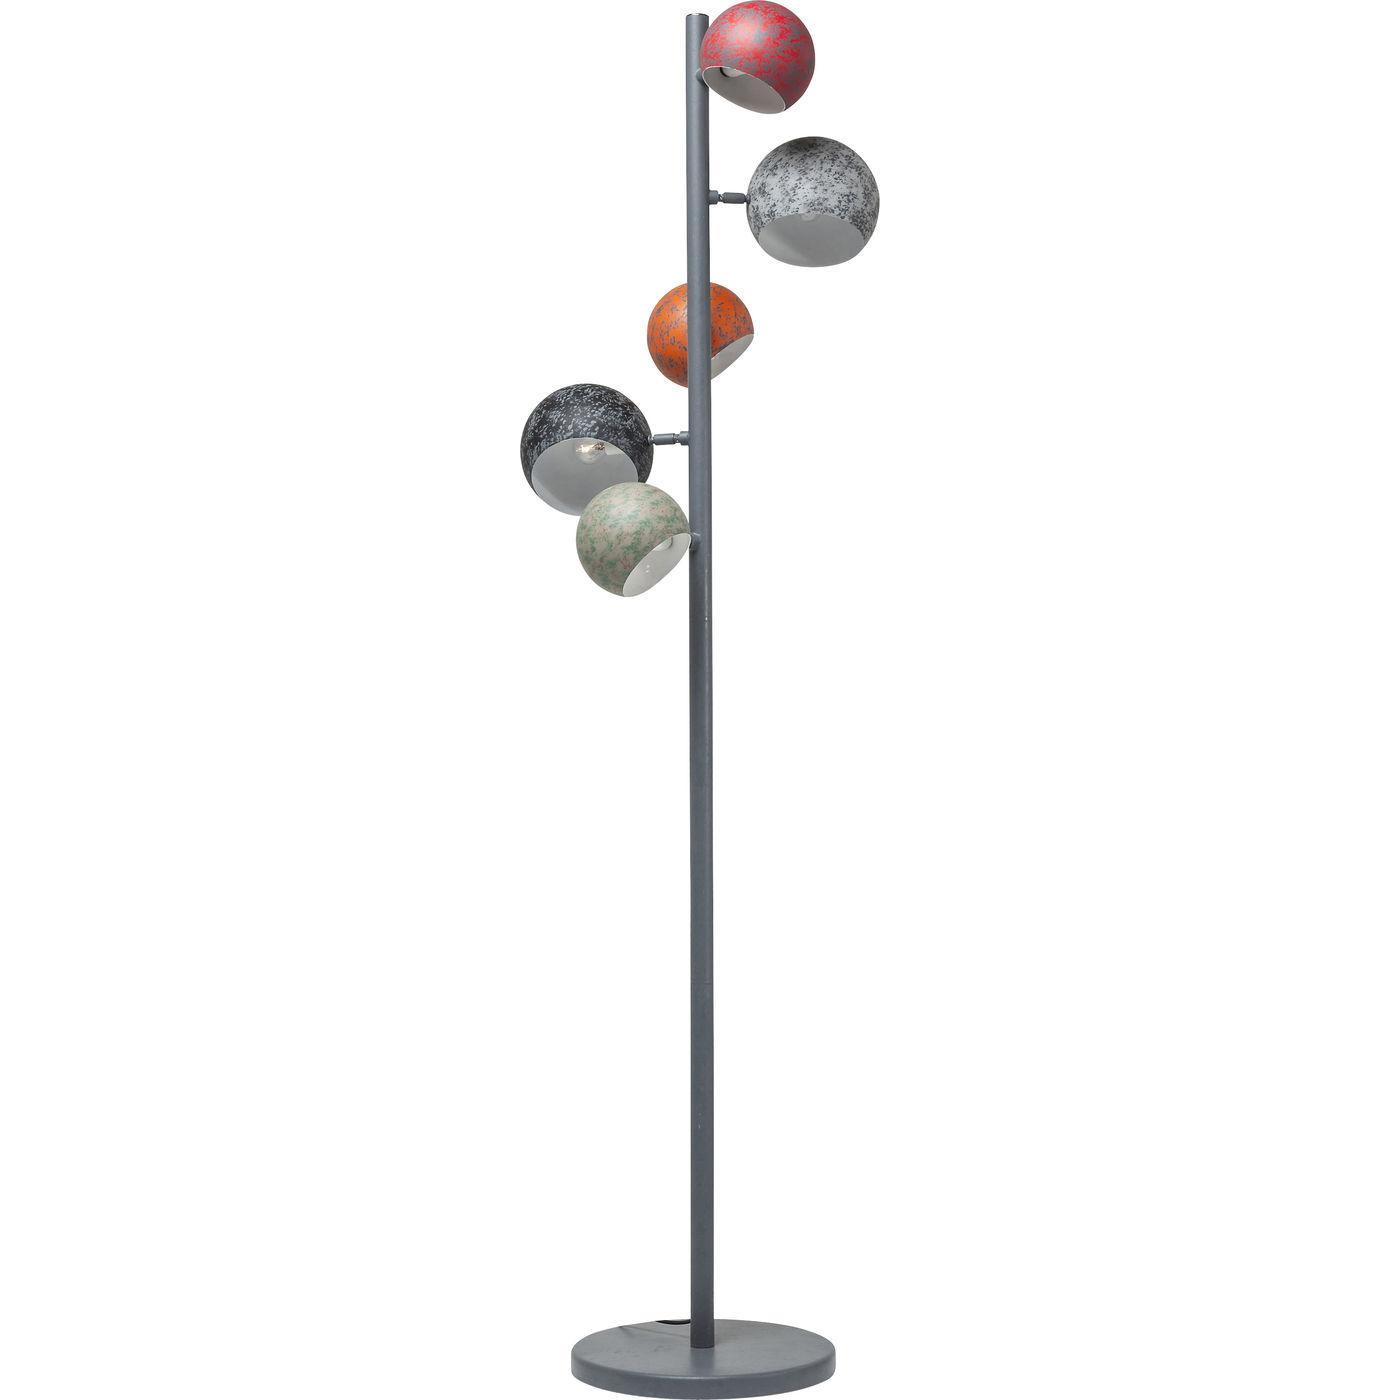 kare design Kare design calotta antico 5-lite gulvlampe - multifarvet stål fra boboonline.dk